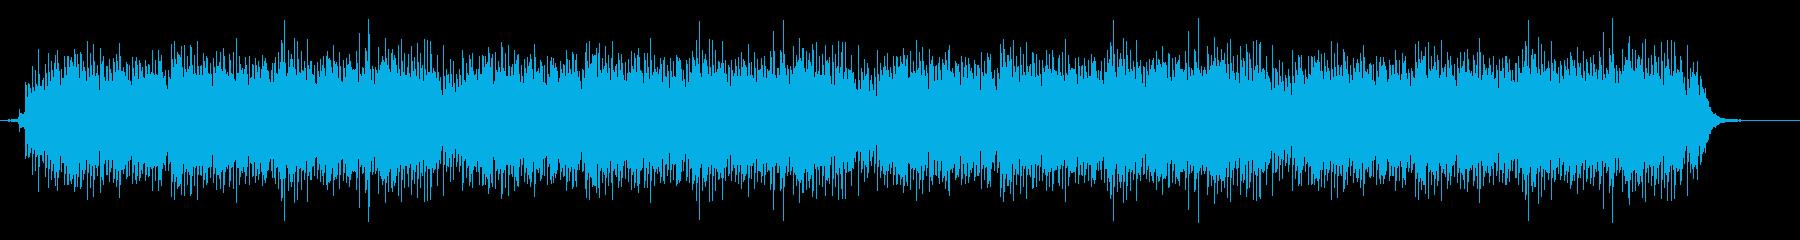 木琴と水のせせらぎのミニマルの再生済みの波形